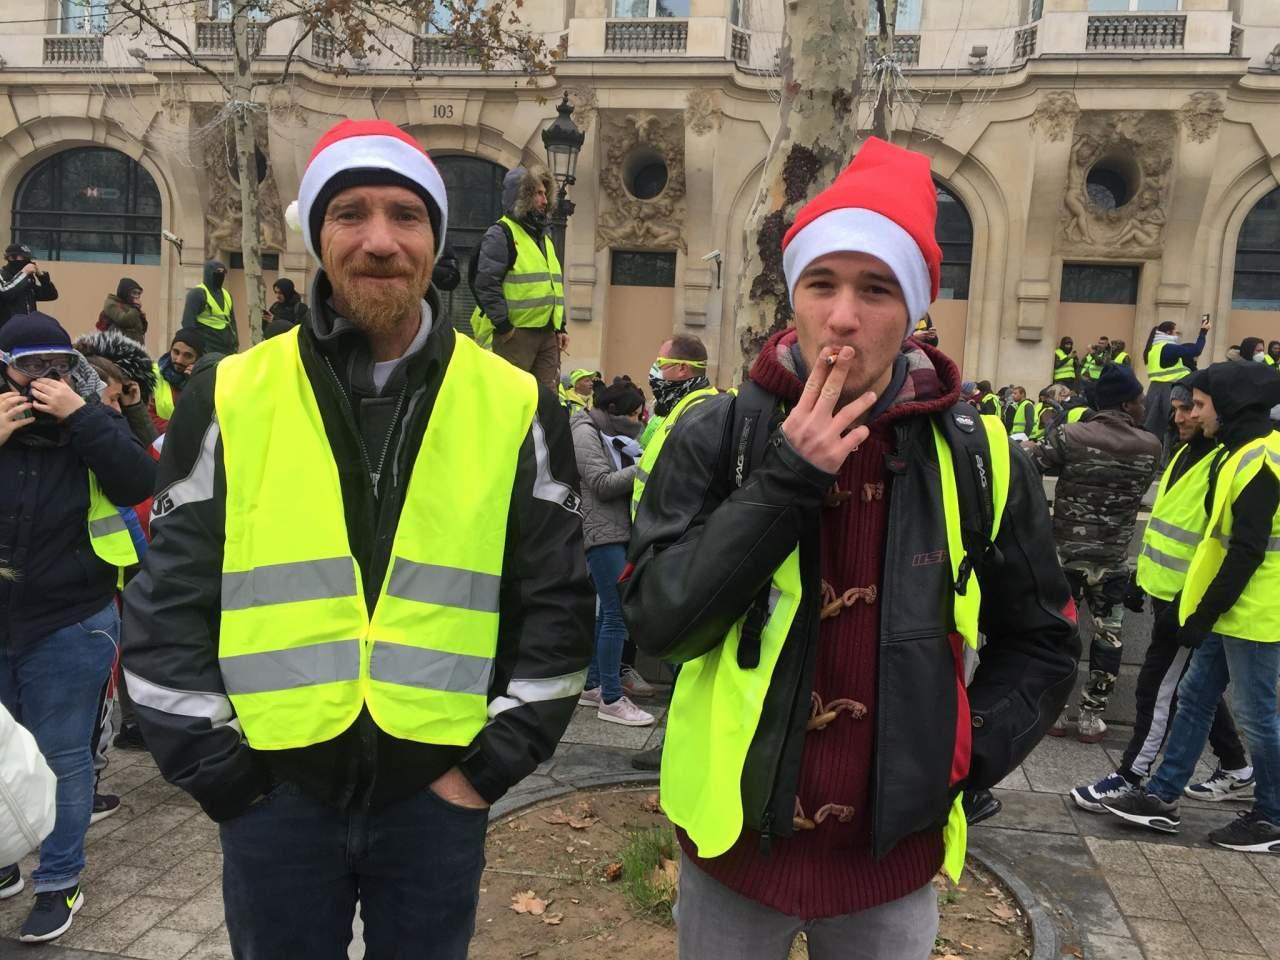 В Париже задержали почти пять сотен протестующих: люди в открытую употребляют коноплю